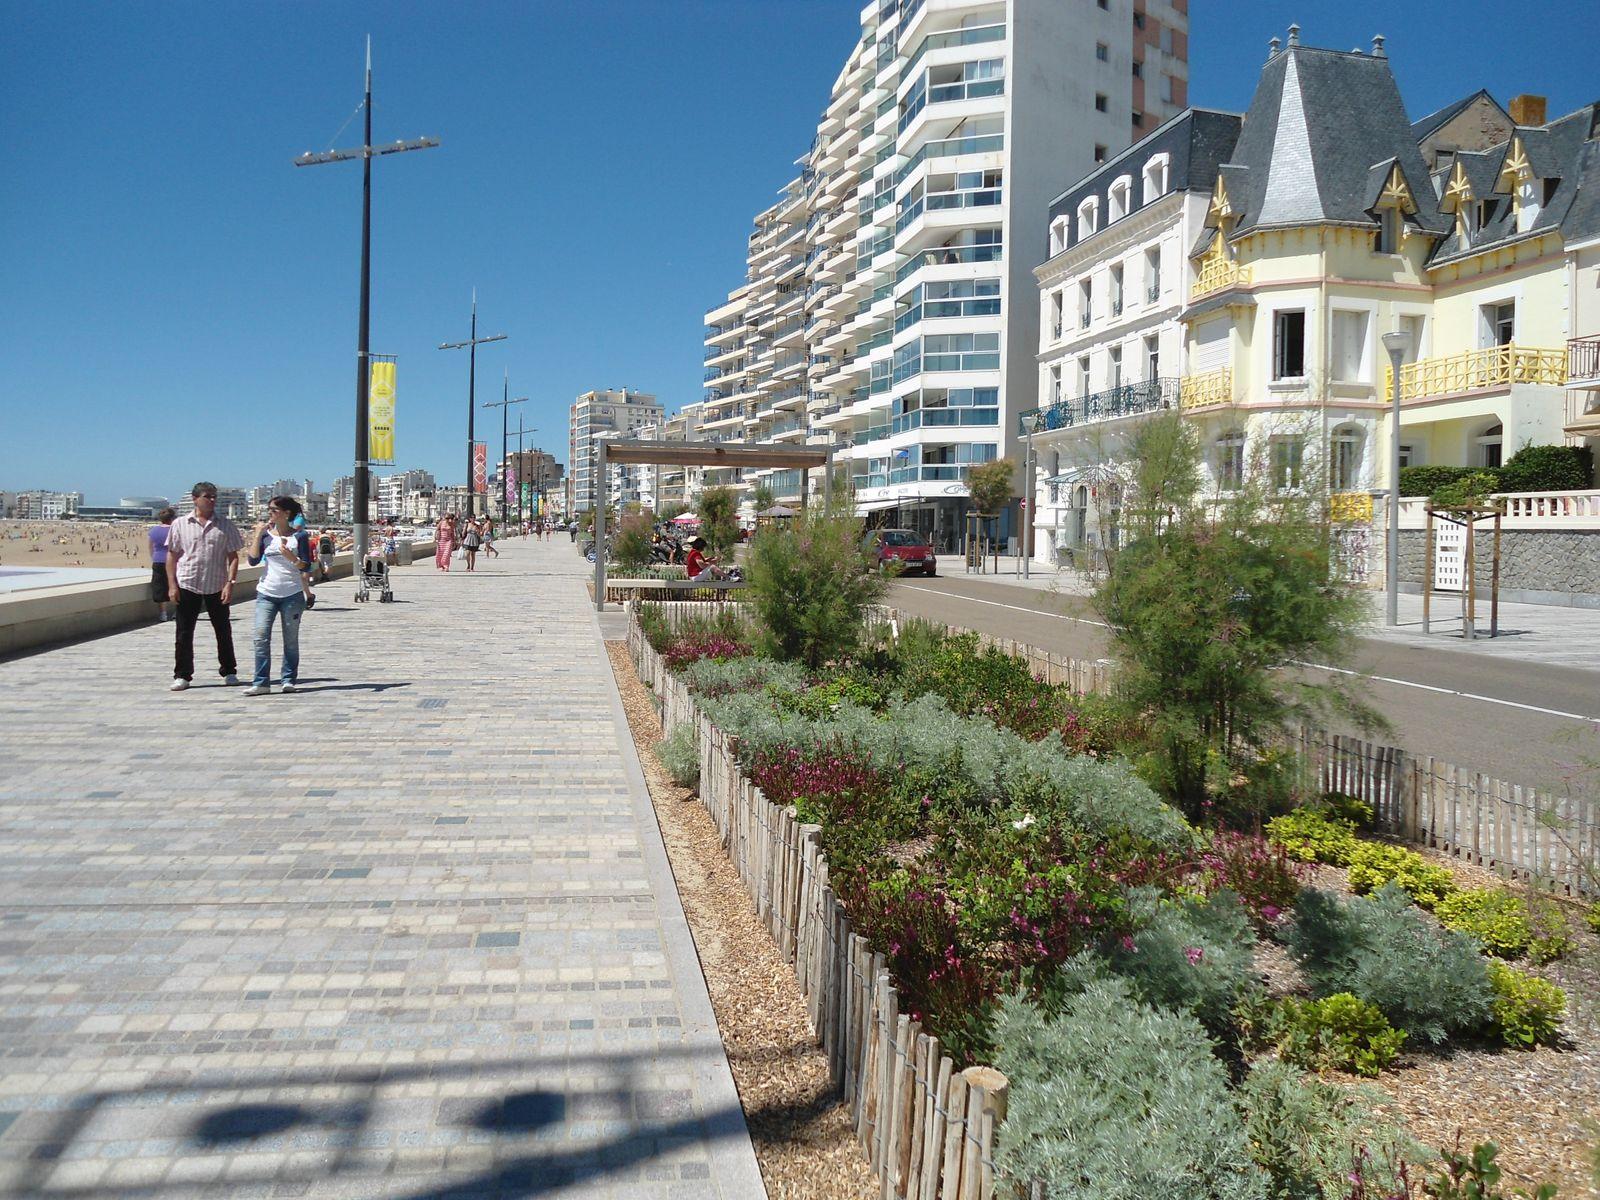 Le remblai longe toute la plage et offre une belle promenade très agréable